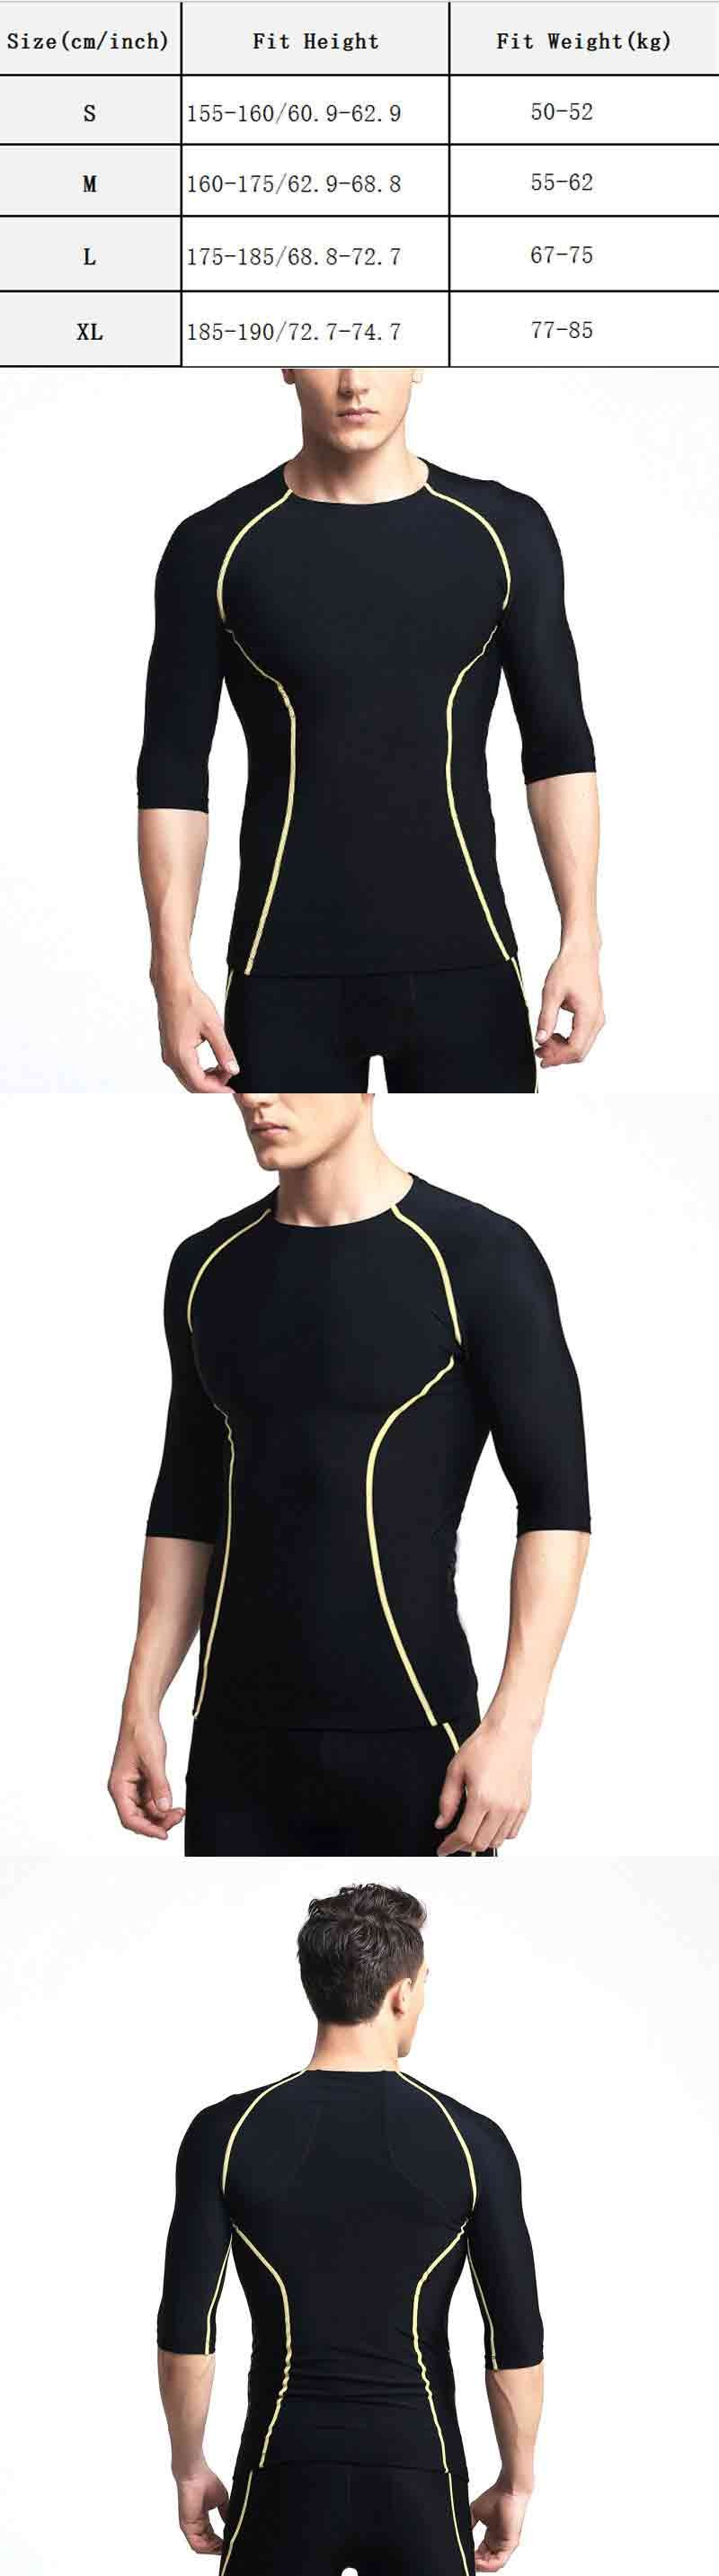 dos homens Top Camisa Térmica Esportes Novo